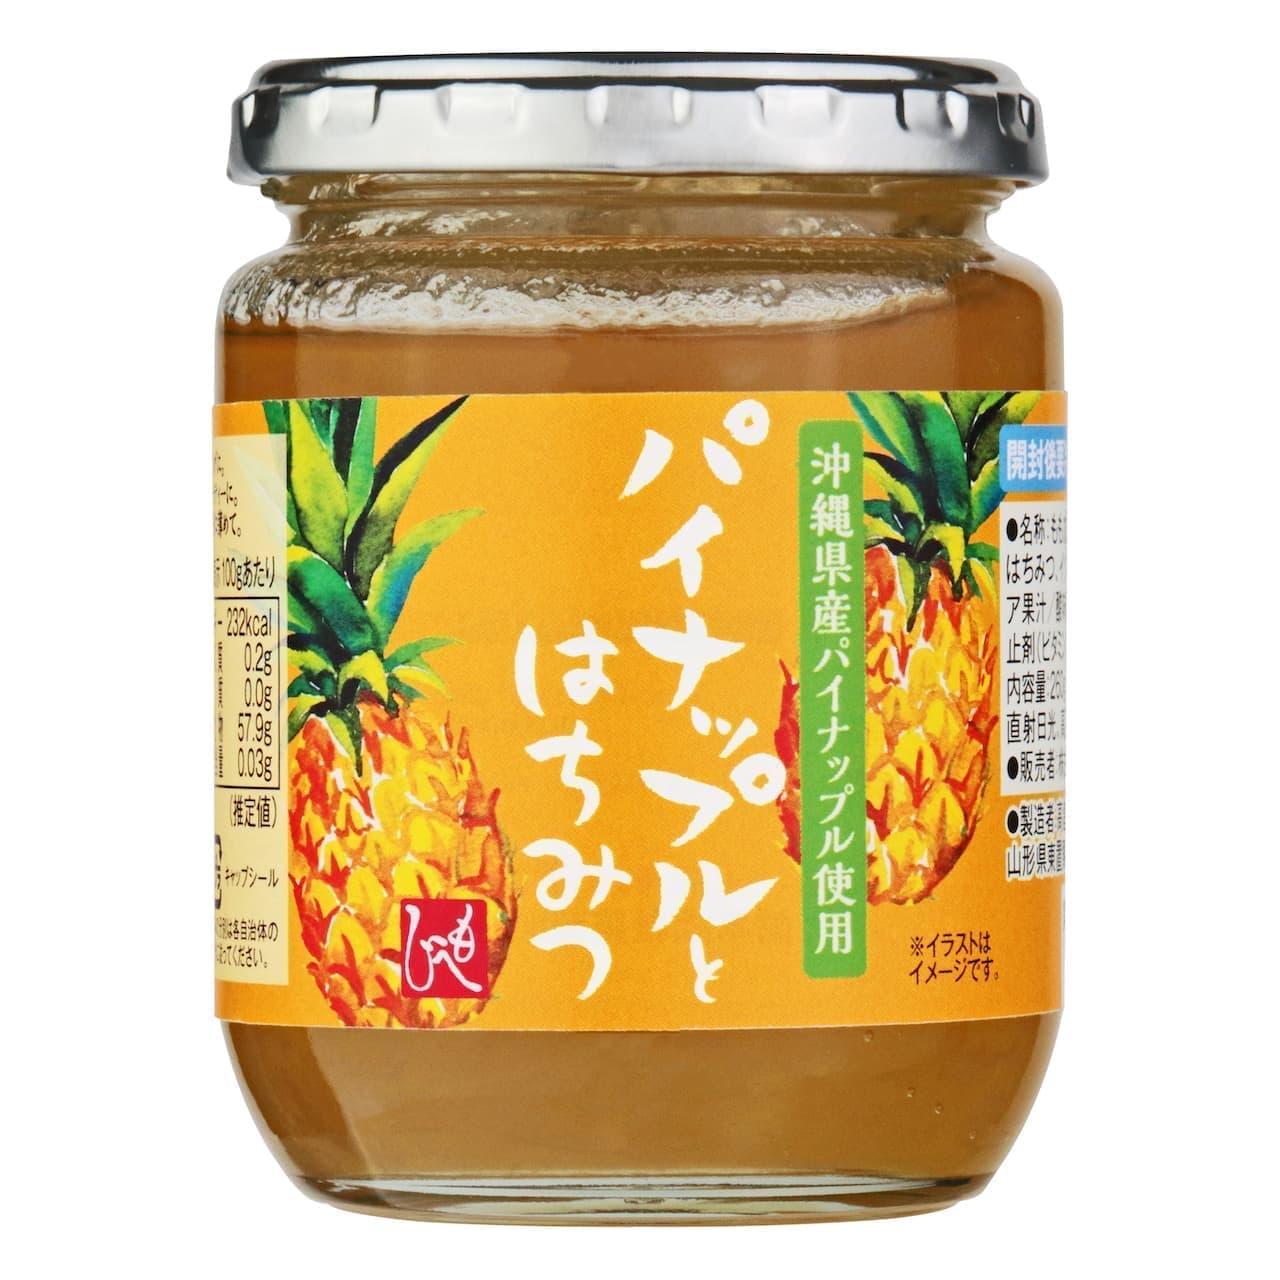 銀座コージーコーナー「もへじ 沖縄県産パイナップル使用 パイナップルとはちみつ」